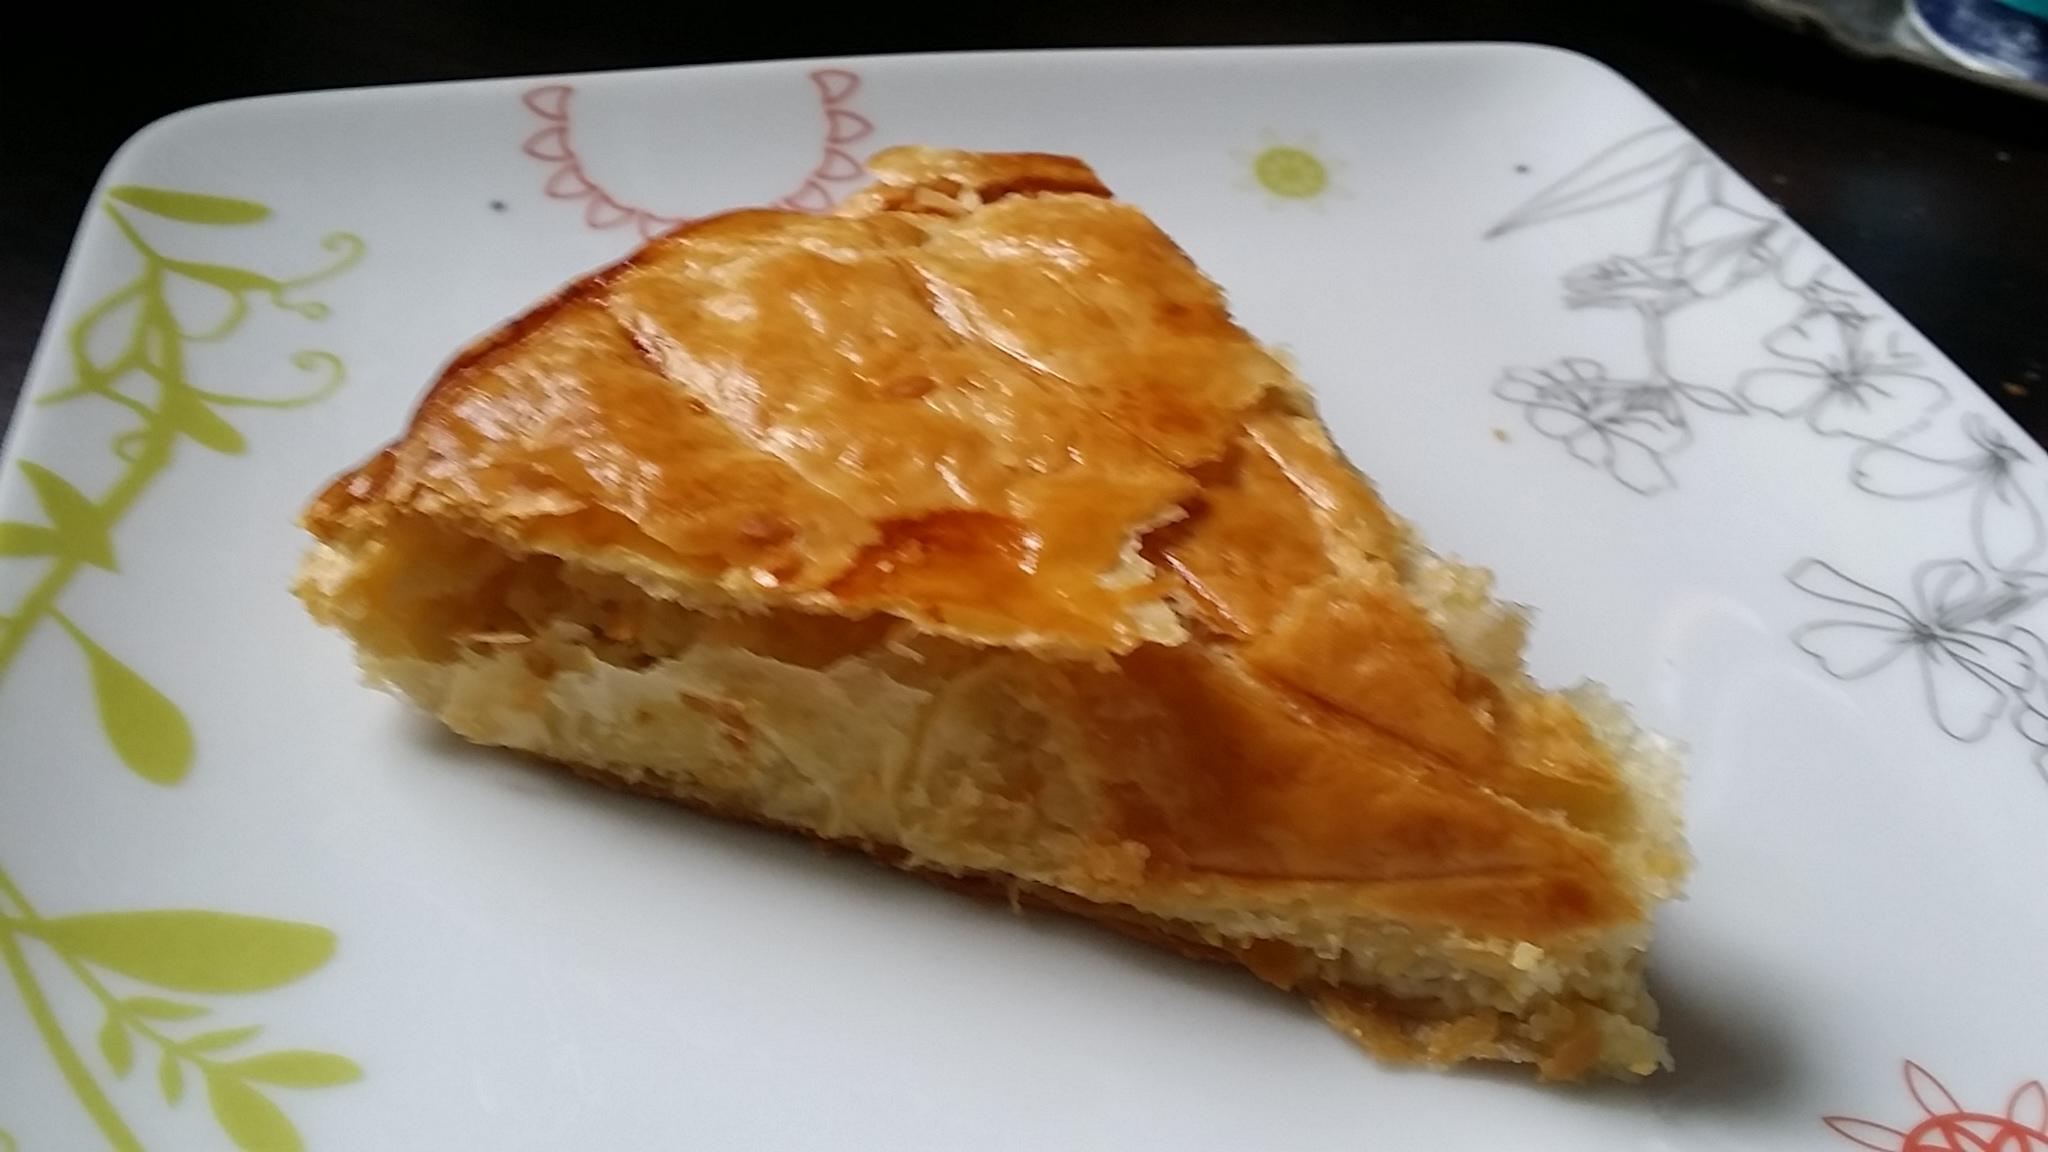 galette--la-crme-damandes-mascarpone-et-caf_23670257844_o